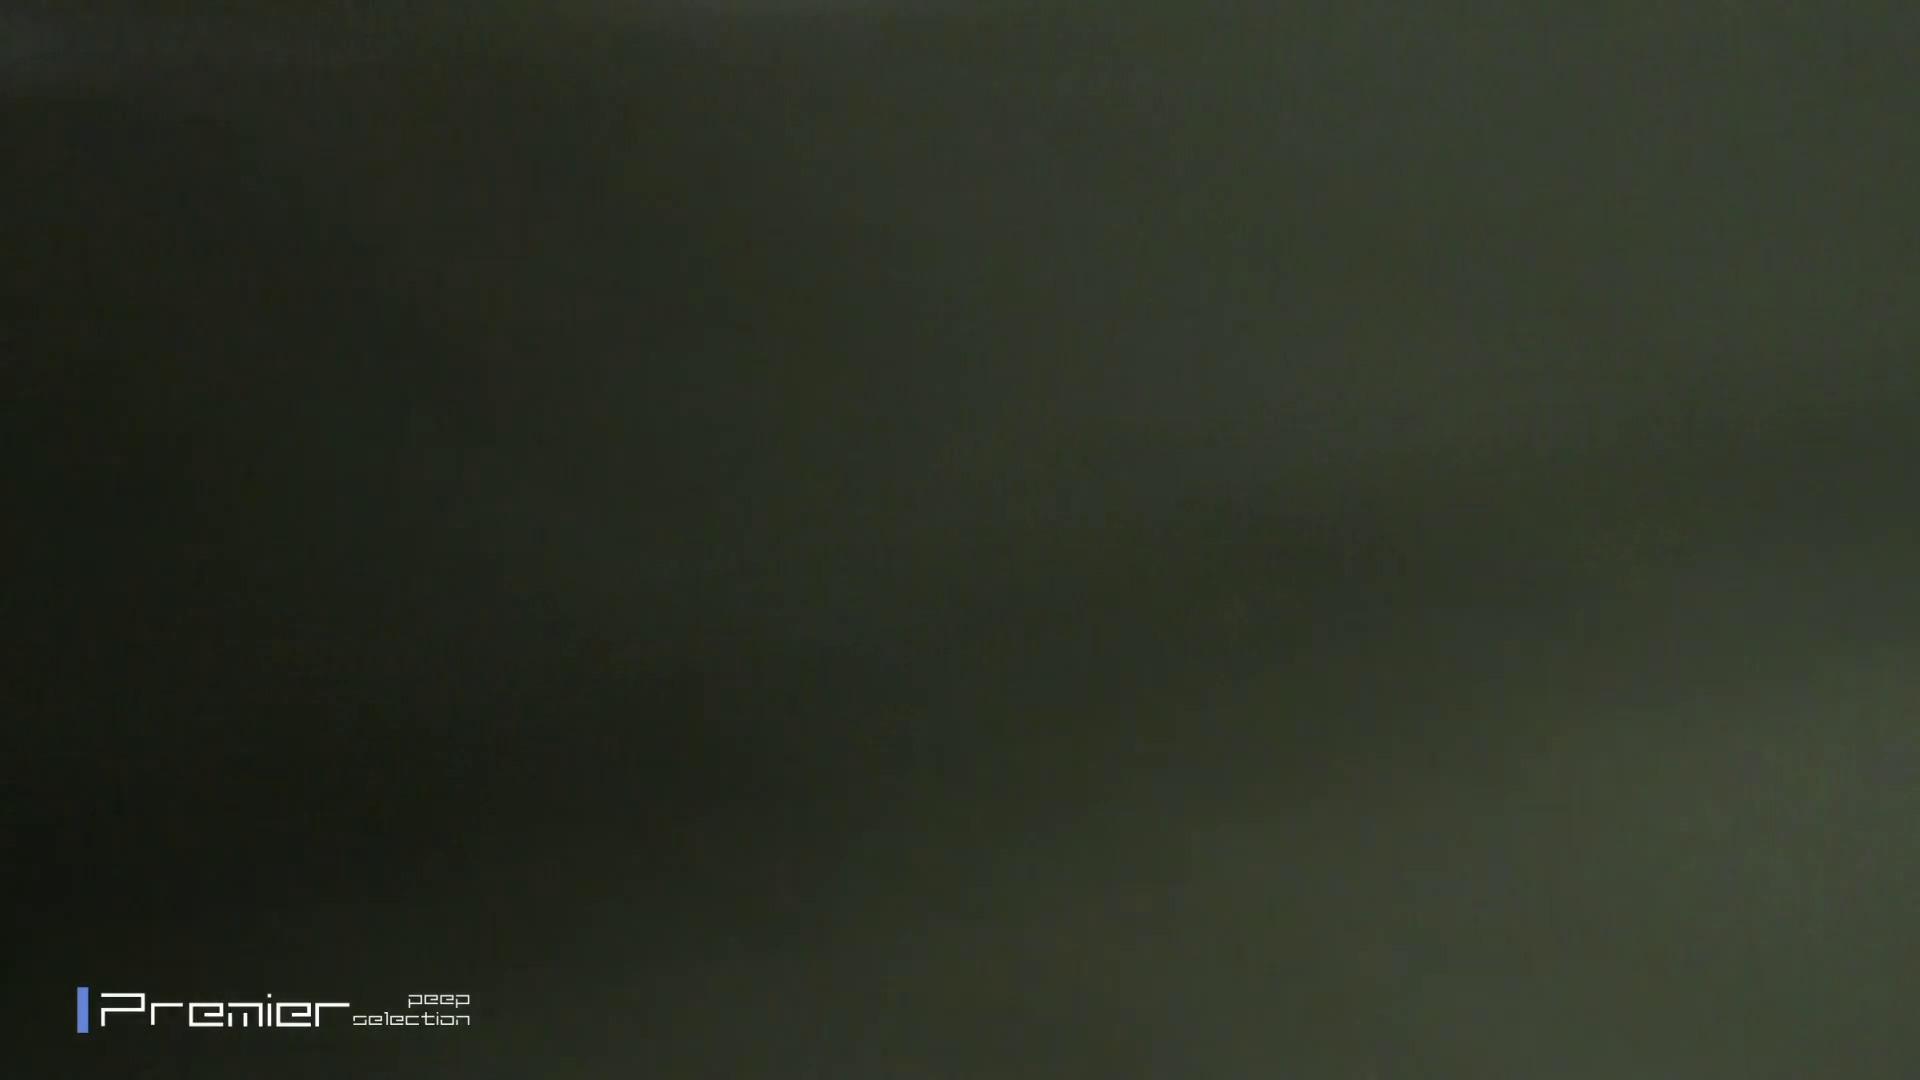 再生38分!マン毛剛毛超絶美女の私生活 美女達の私生活に潜入! 潜入エロ調査 | 高画質  78連発 24